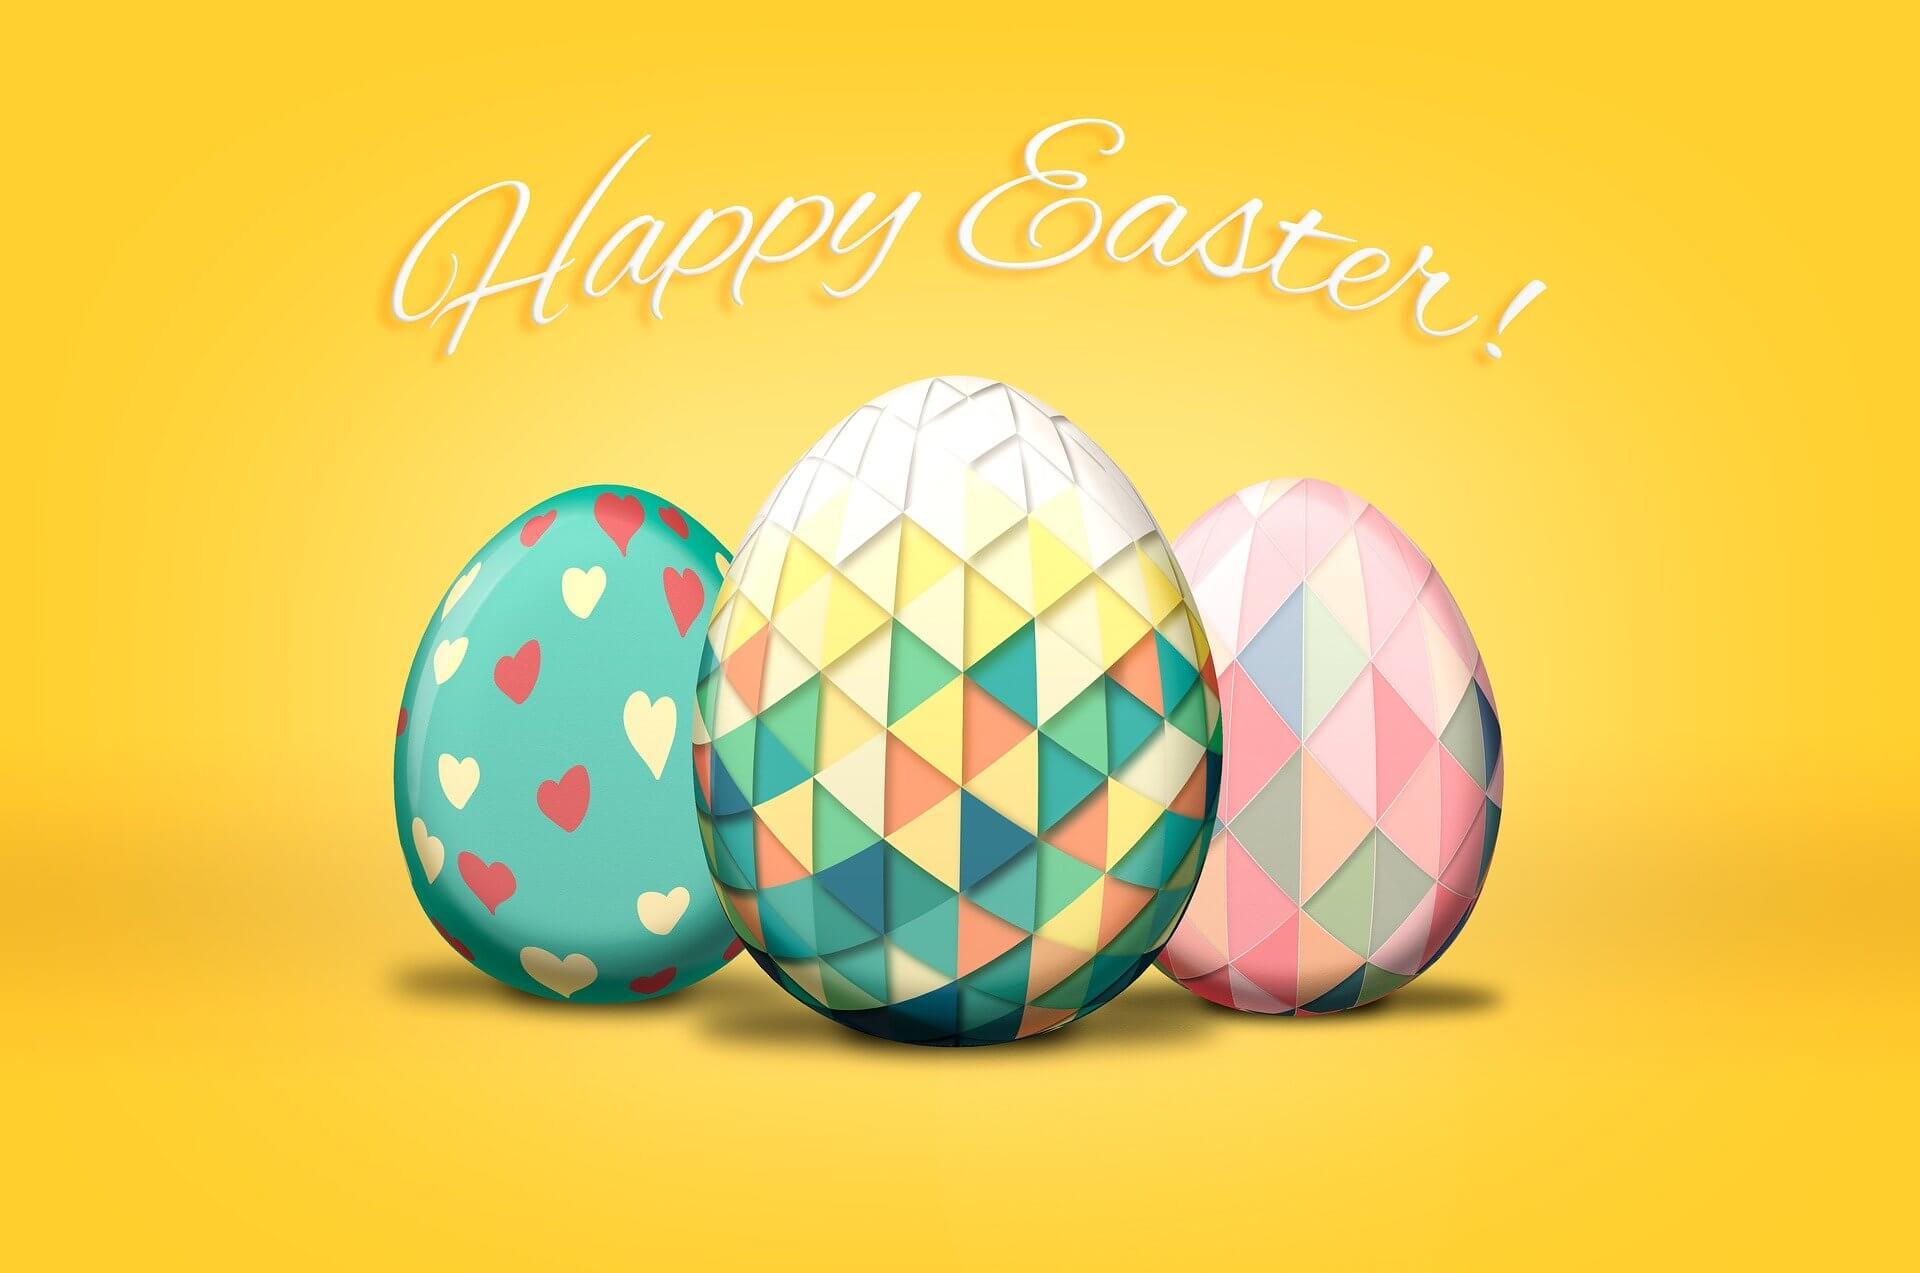 Happy Easter Wallpaper Download